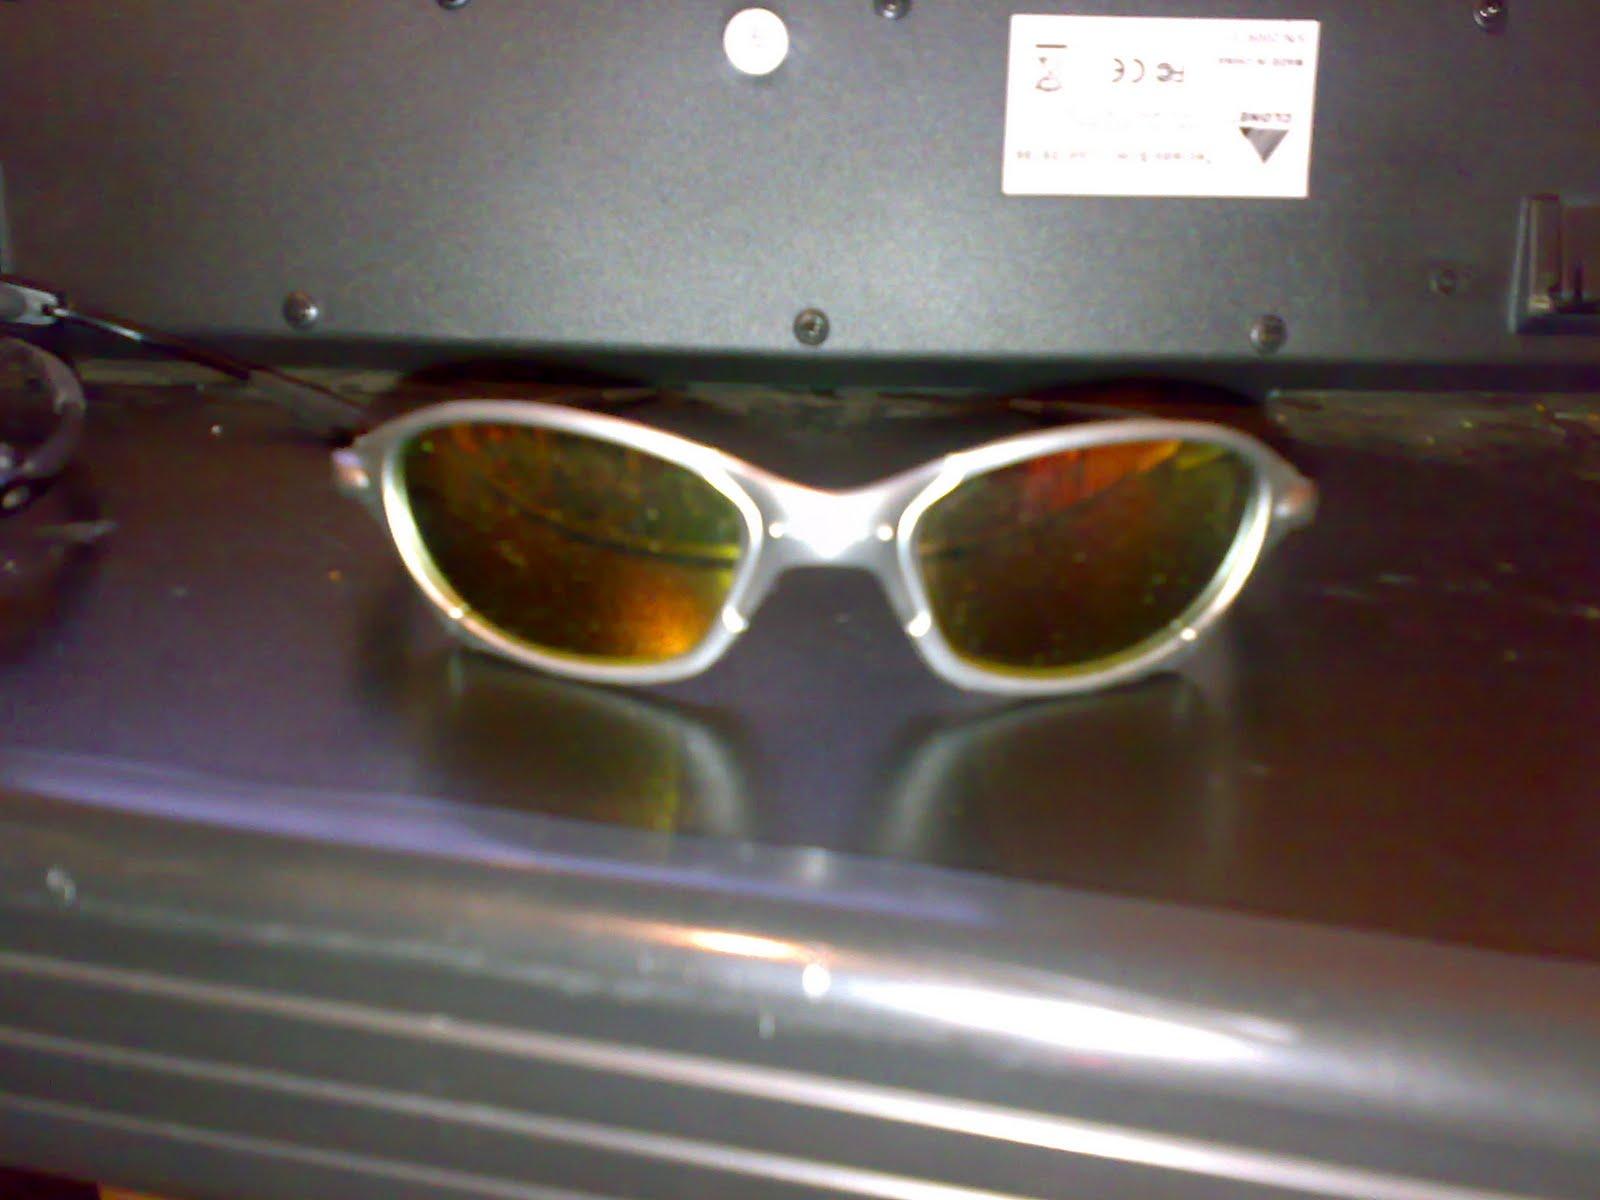 Arquivos de aço moveis para escritorio e utensilios pessoais: Oculos  #60493A 1600x1200